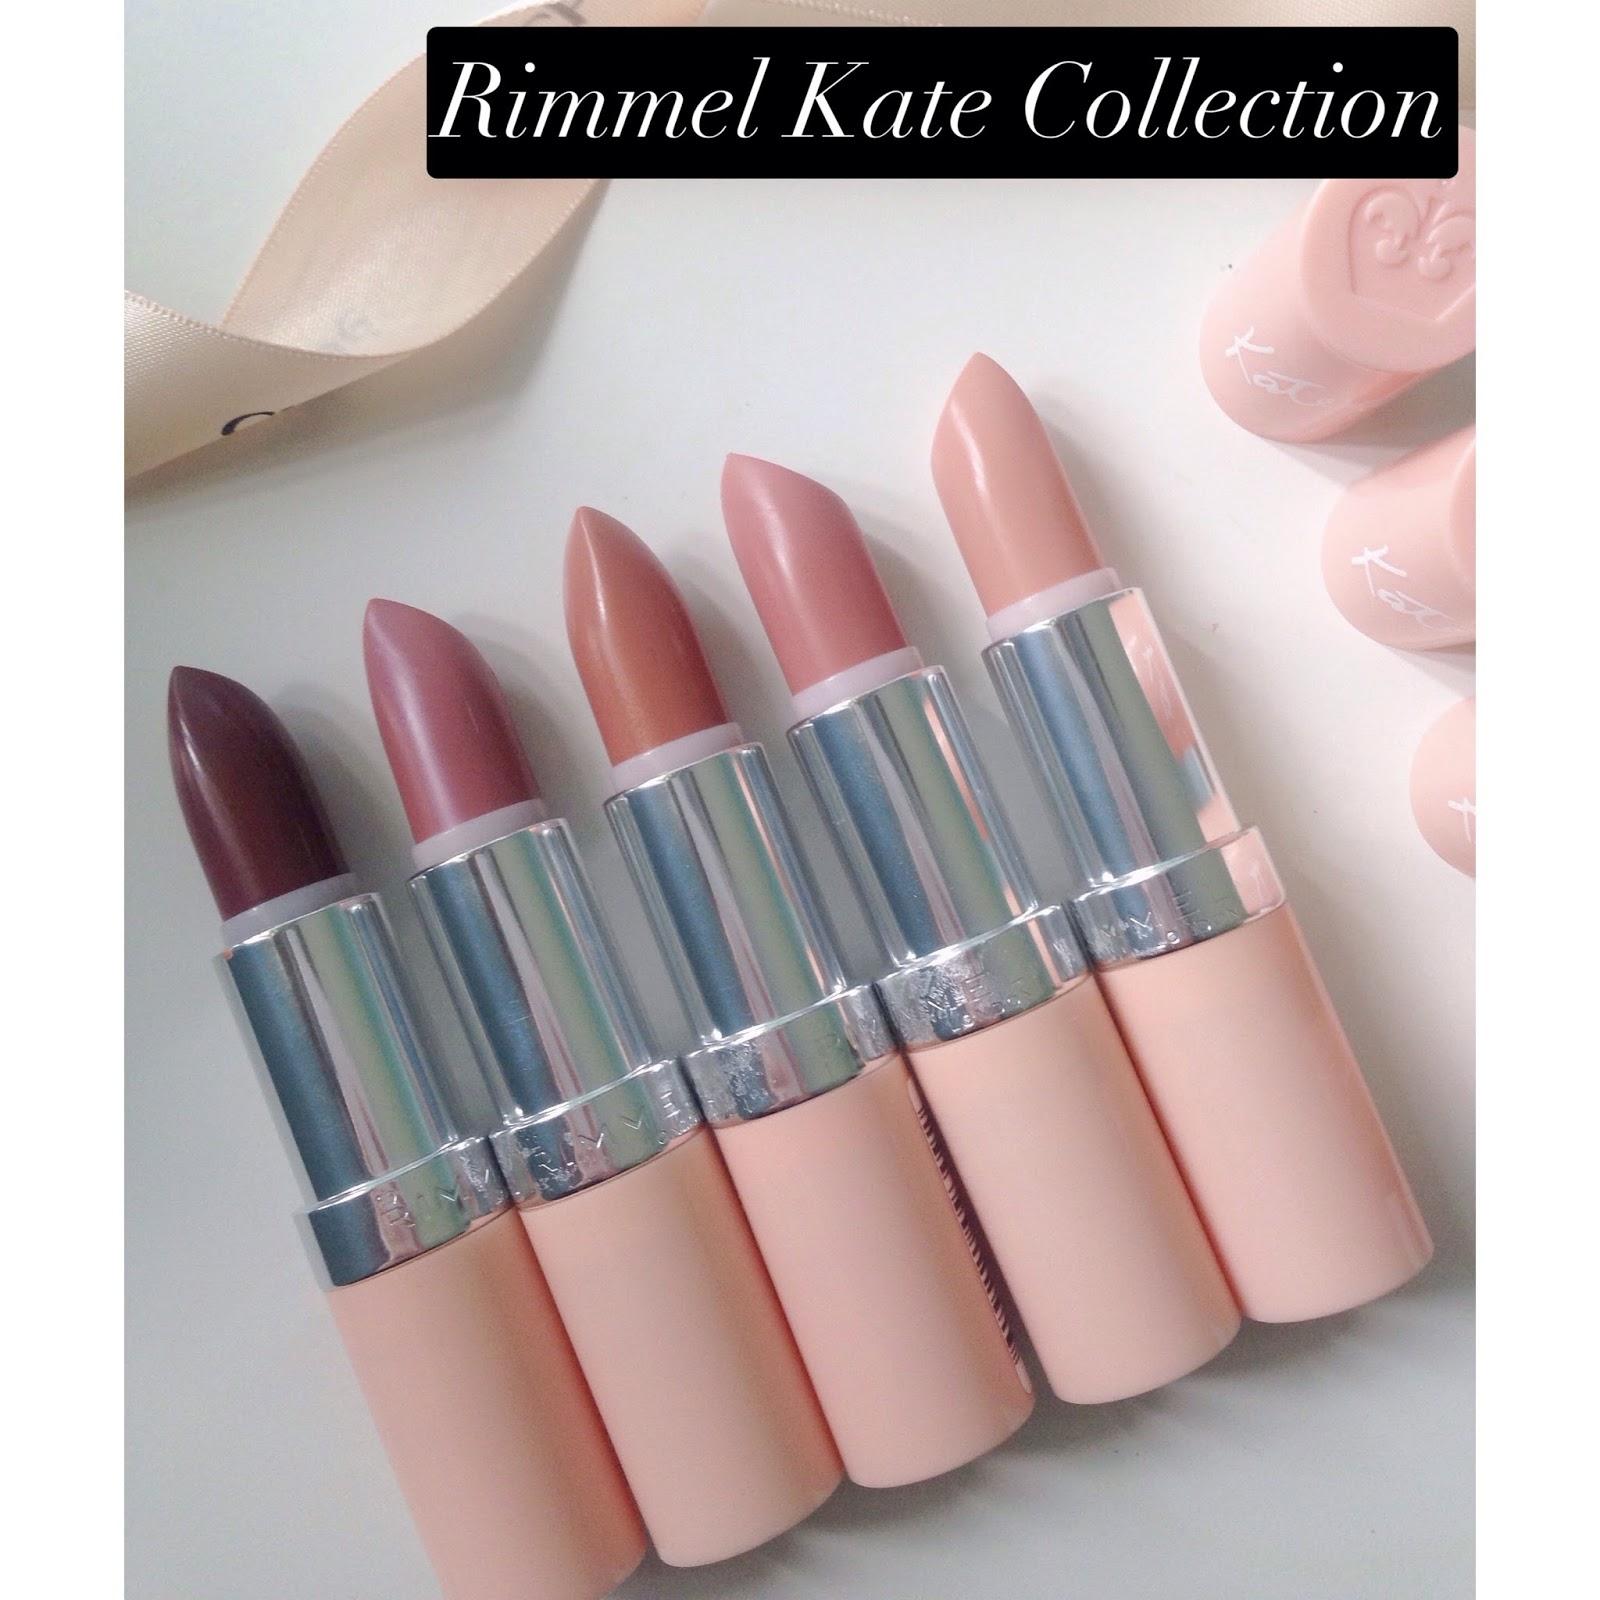 Pin by yaldiz awad on Makeup lover | Kate moss lipstick